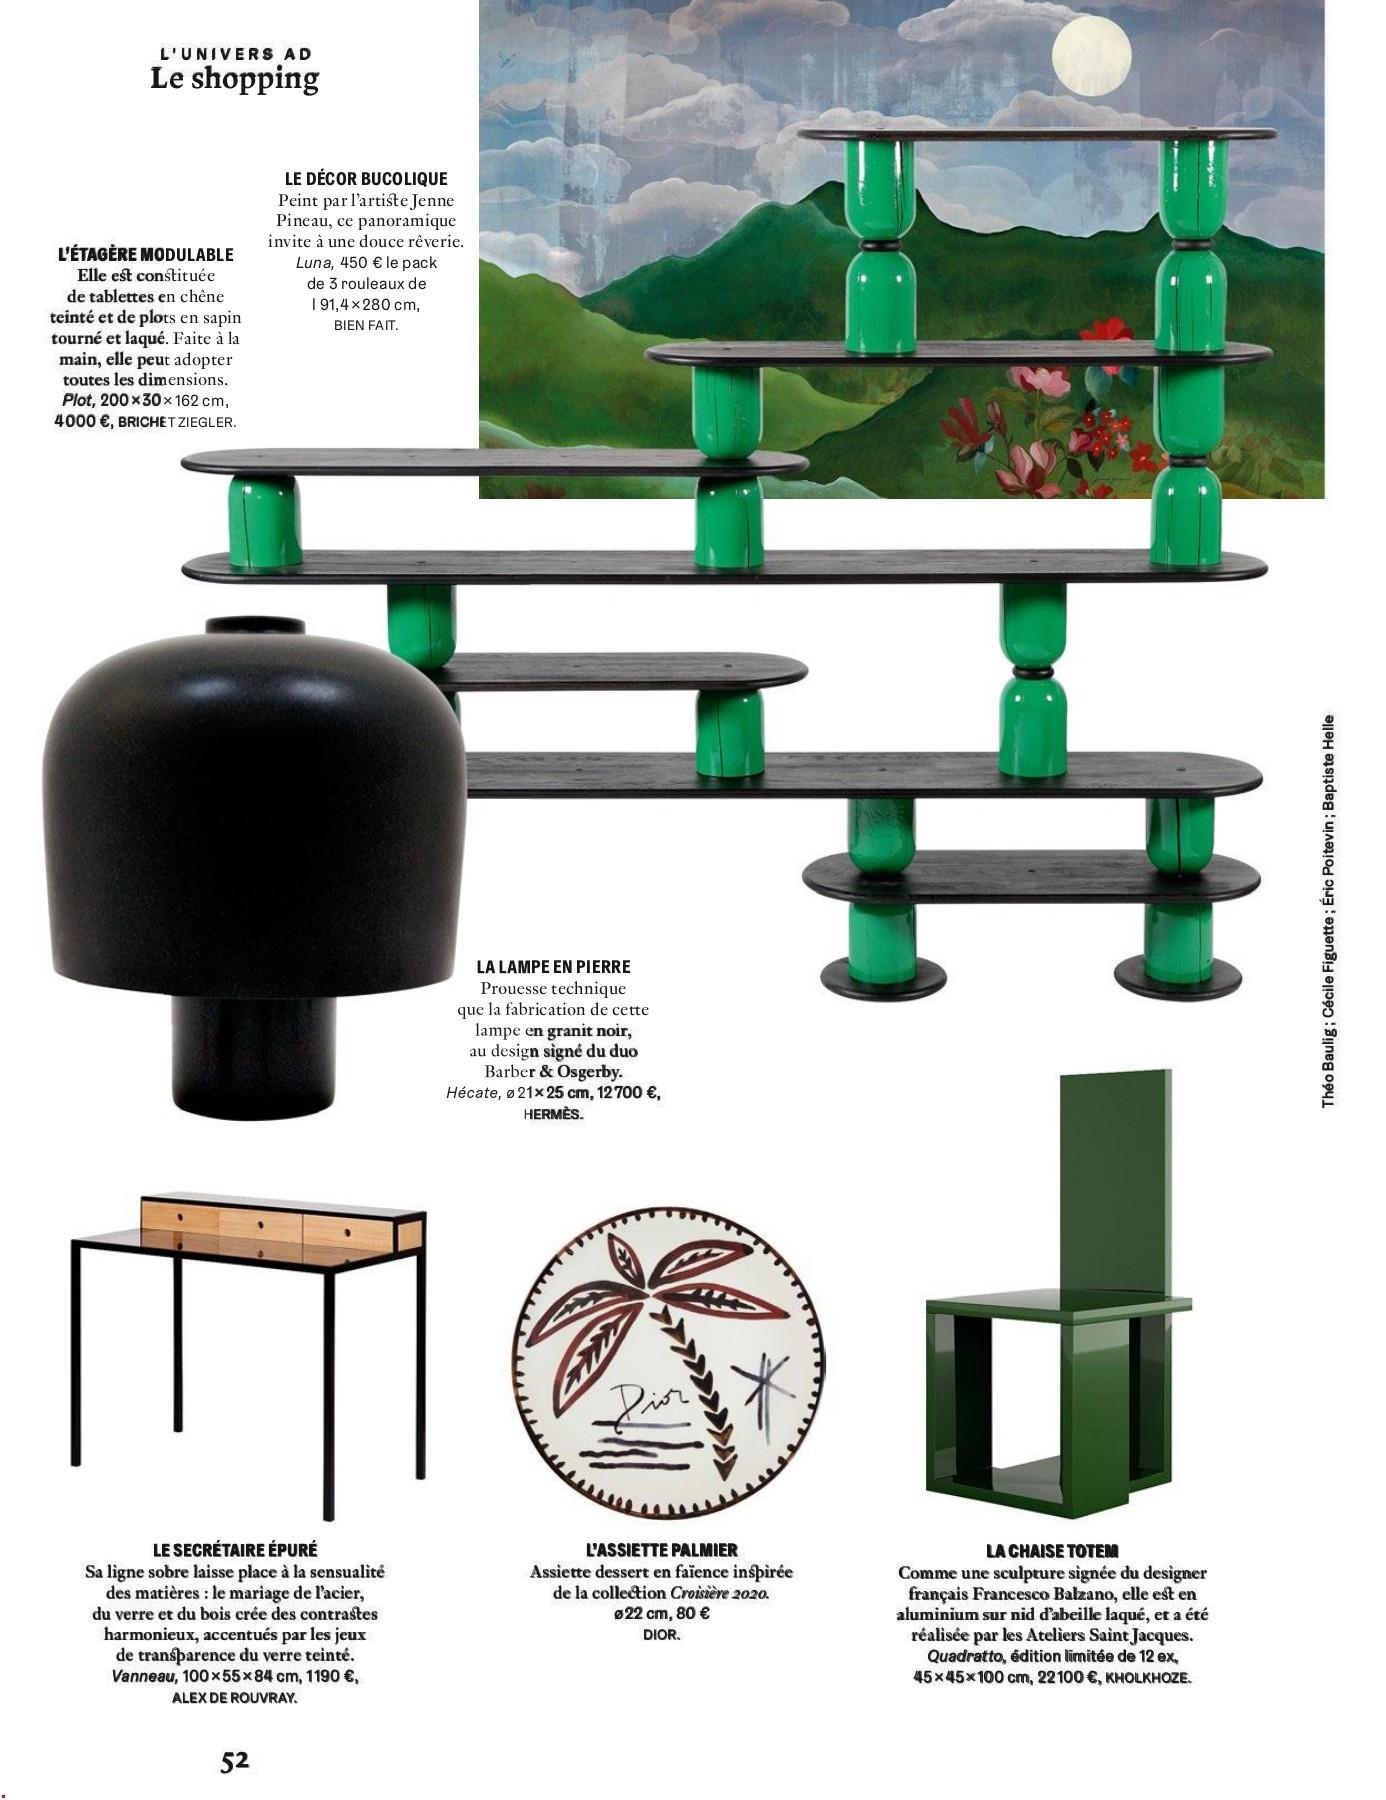 Le Papier Peint Est Il Recyclable architectural digest france_sepoct 2019-flip book pages 51